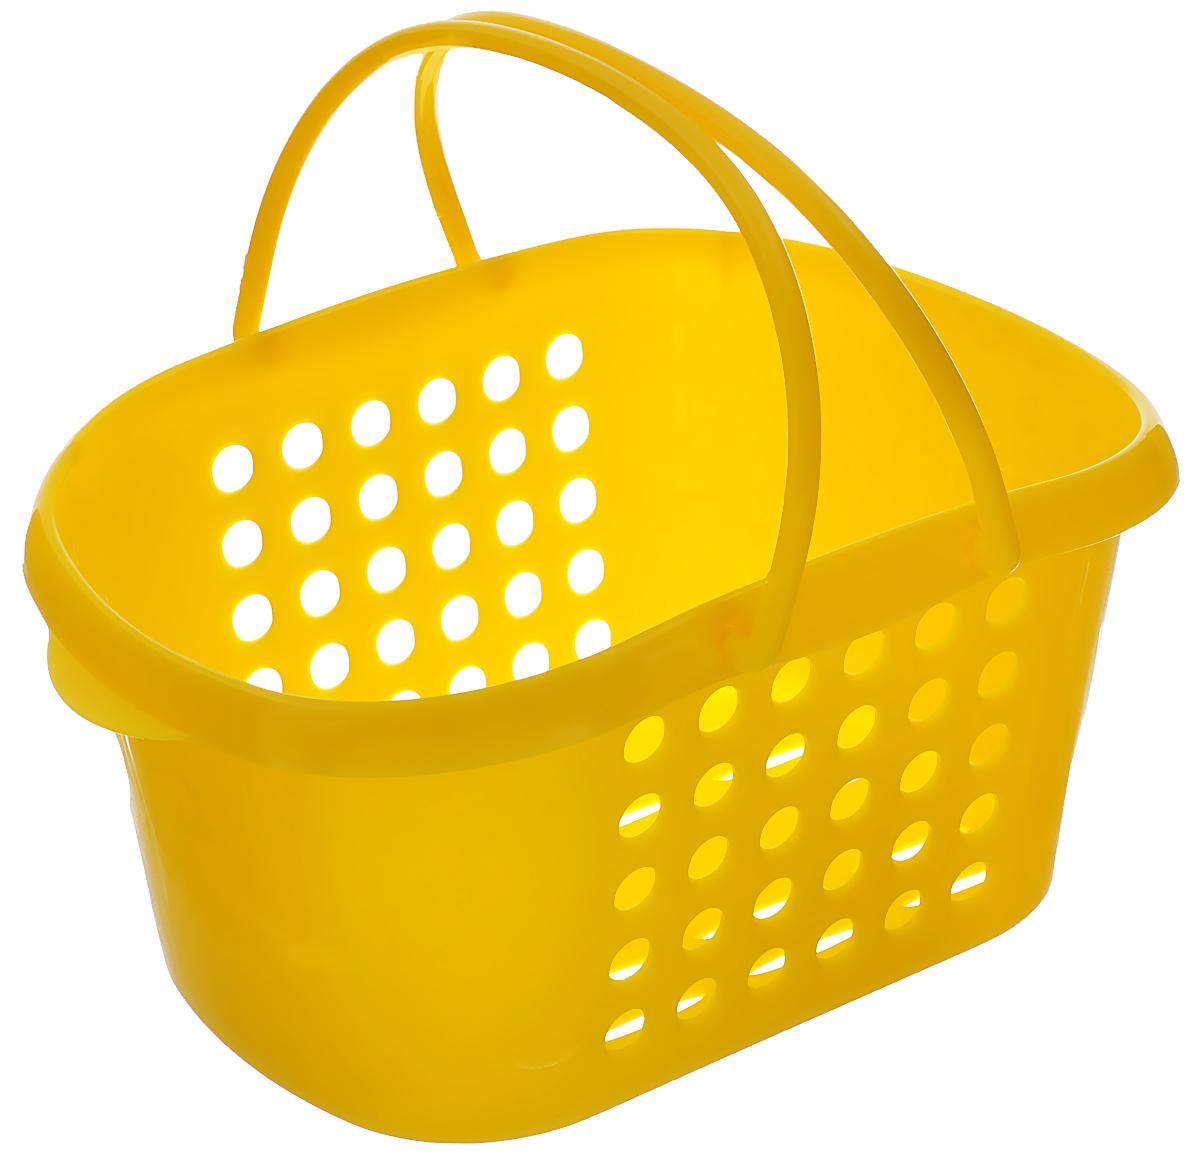 Корзинка универсальная Econova, с ручками, цвет: желтый, 23 см х 17,3 см х 11,5 смС12246_желтыйУниверсальная корзинка Econova изготовлена из высококачественного пластика и предназначена для хранения и транспортировки вещей. Корзинка подойдет как для пищевых продуктов, так и для ванных принадлежностей и различных мелочей. Изделие оснащено двумя ручками для более удобной транспортировки. Стенки корзинки оформлены перфорацией, что обеспечивает естественную вентиляцию. Универсальная корзинка Econova позволит вам хранить вещи компактно и с удобством.